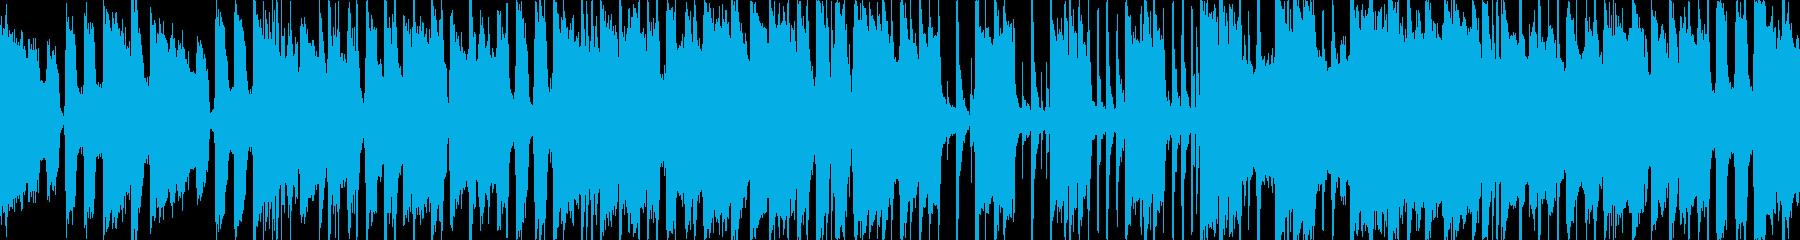 オーバードライブギター、フライング...の再生済みの波形